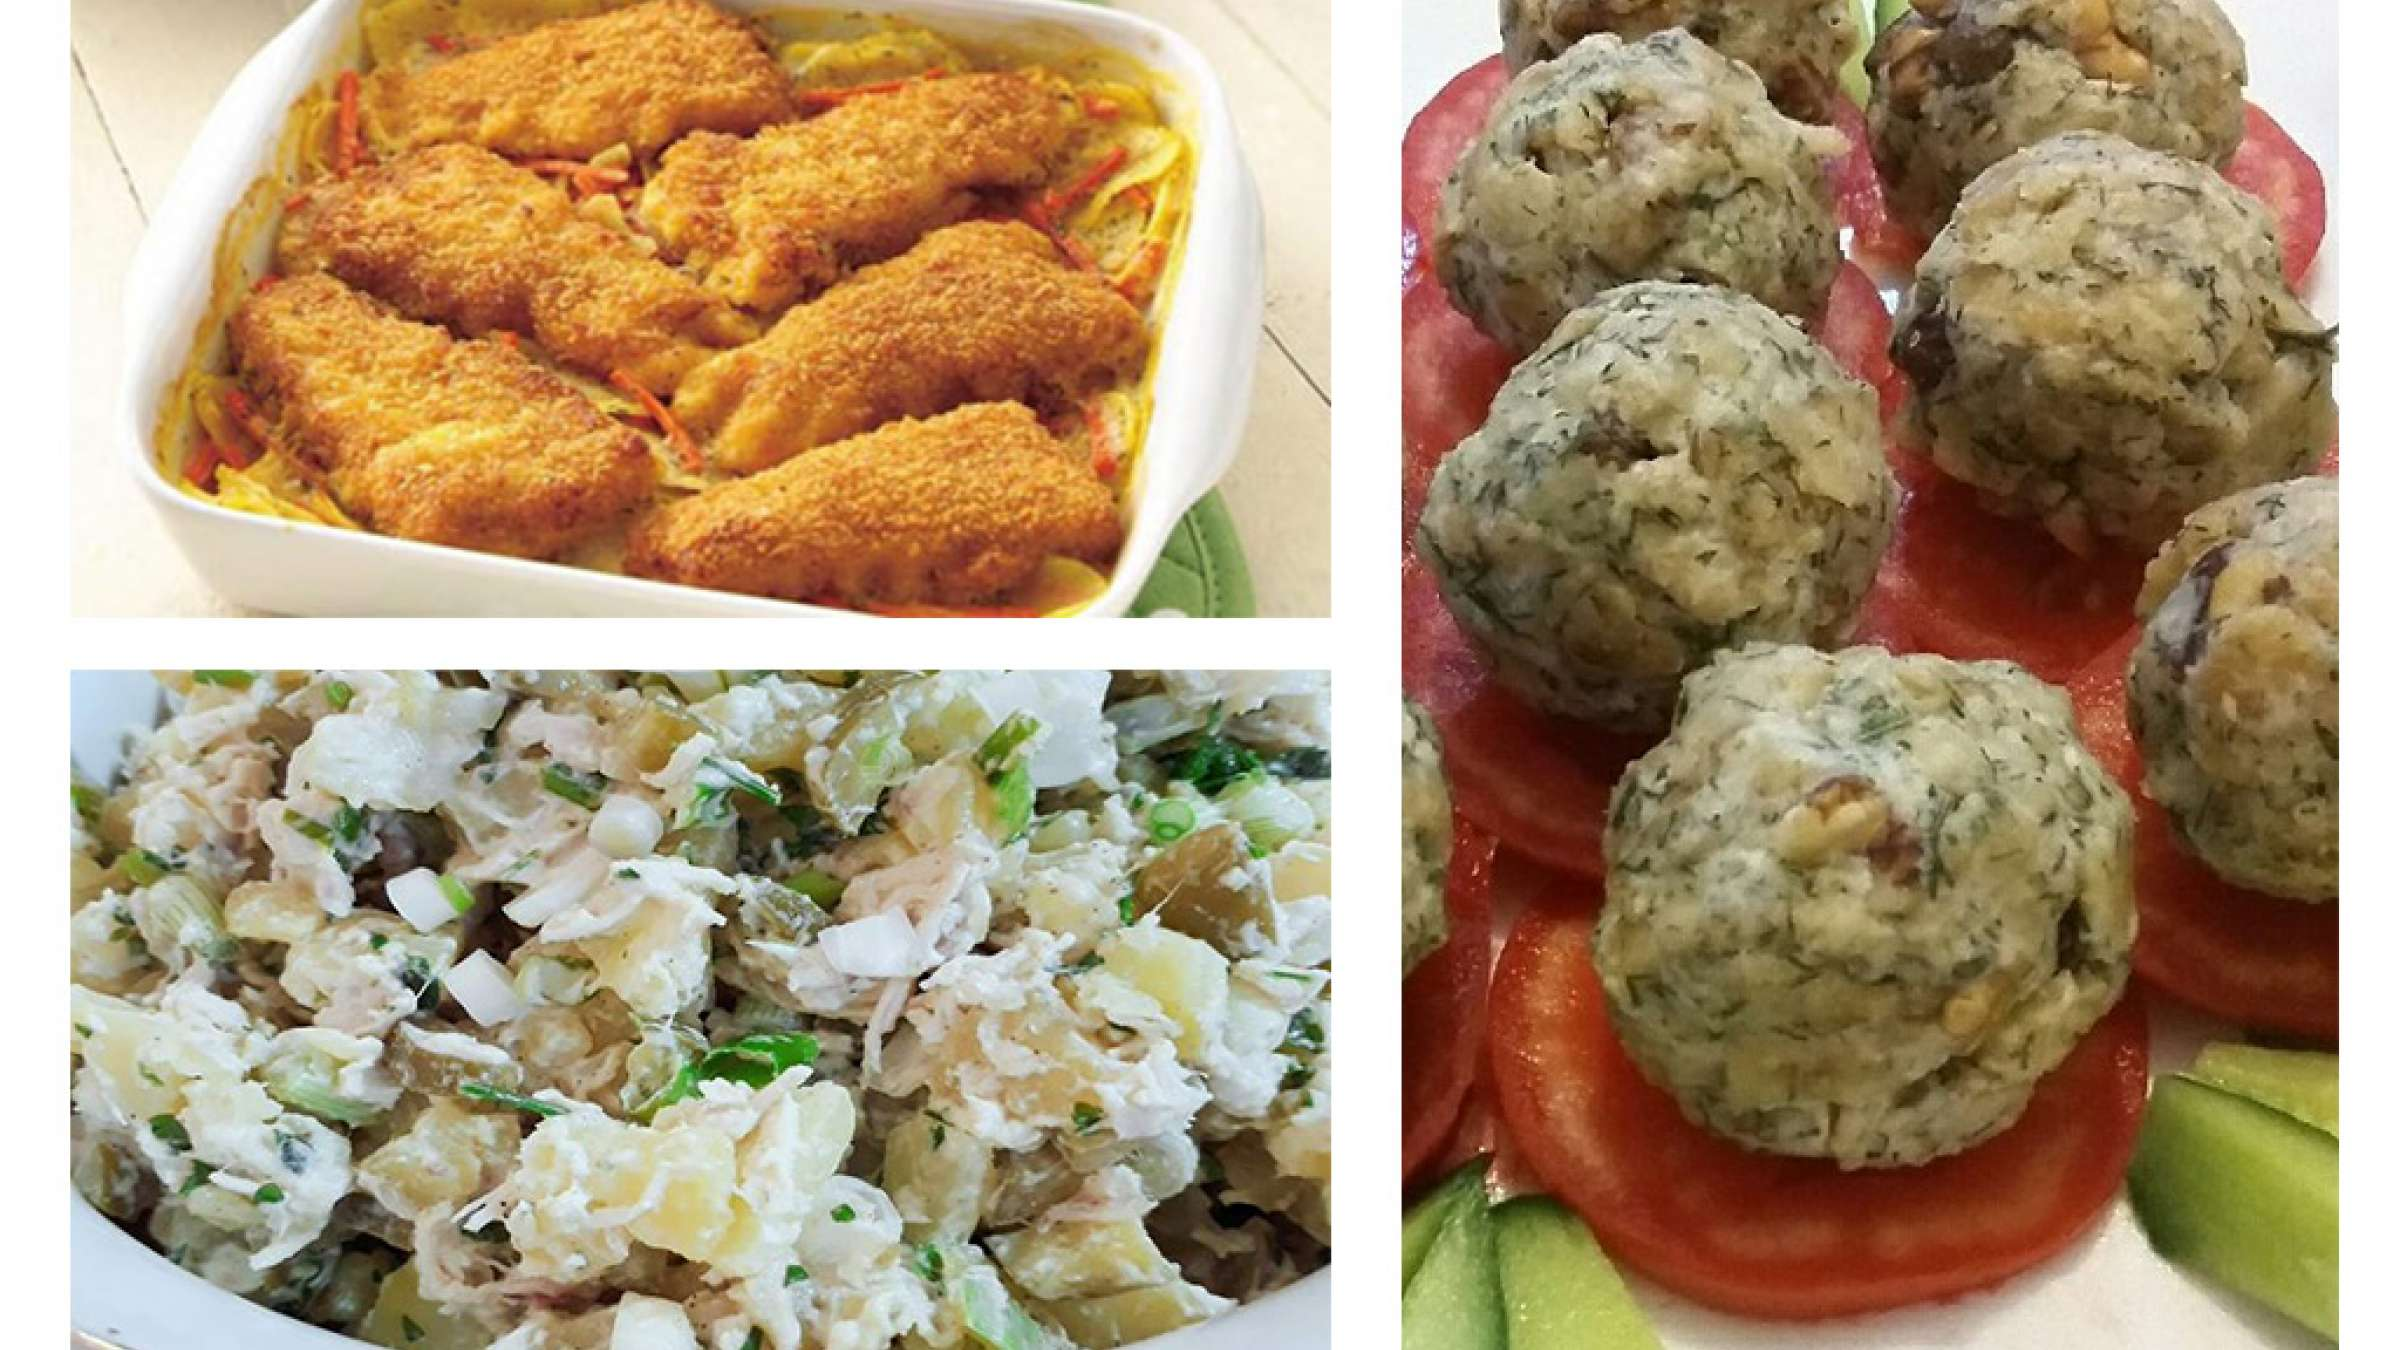 آشپزی-ترابی-لقمه-های-دویماج-گراتن-سیب-زمینی-با-ماهی-سالاد-مرغ-ترکیه-ای